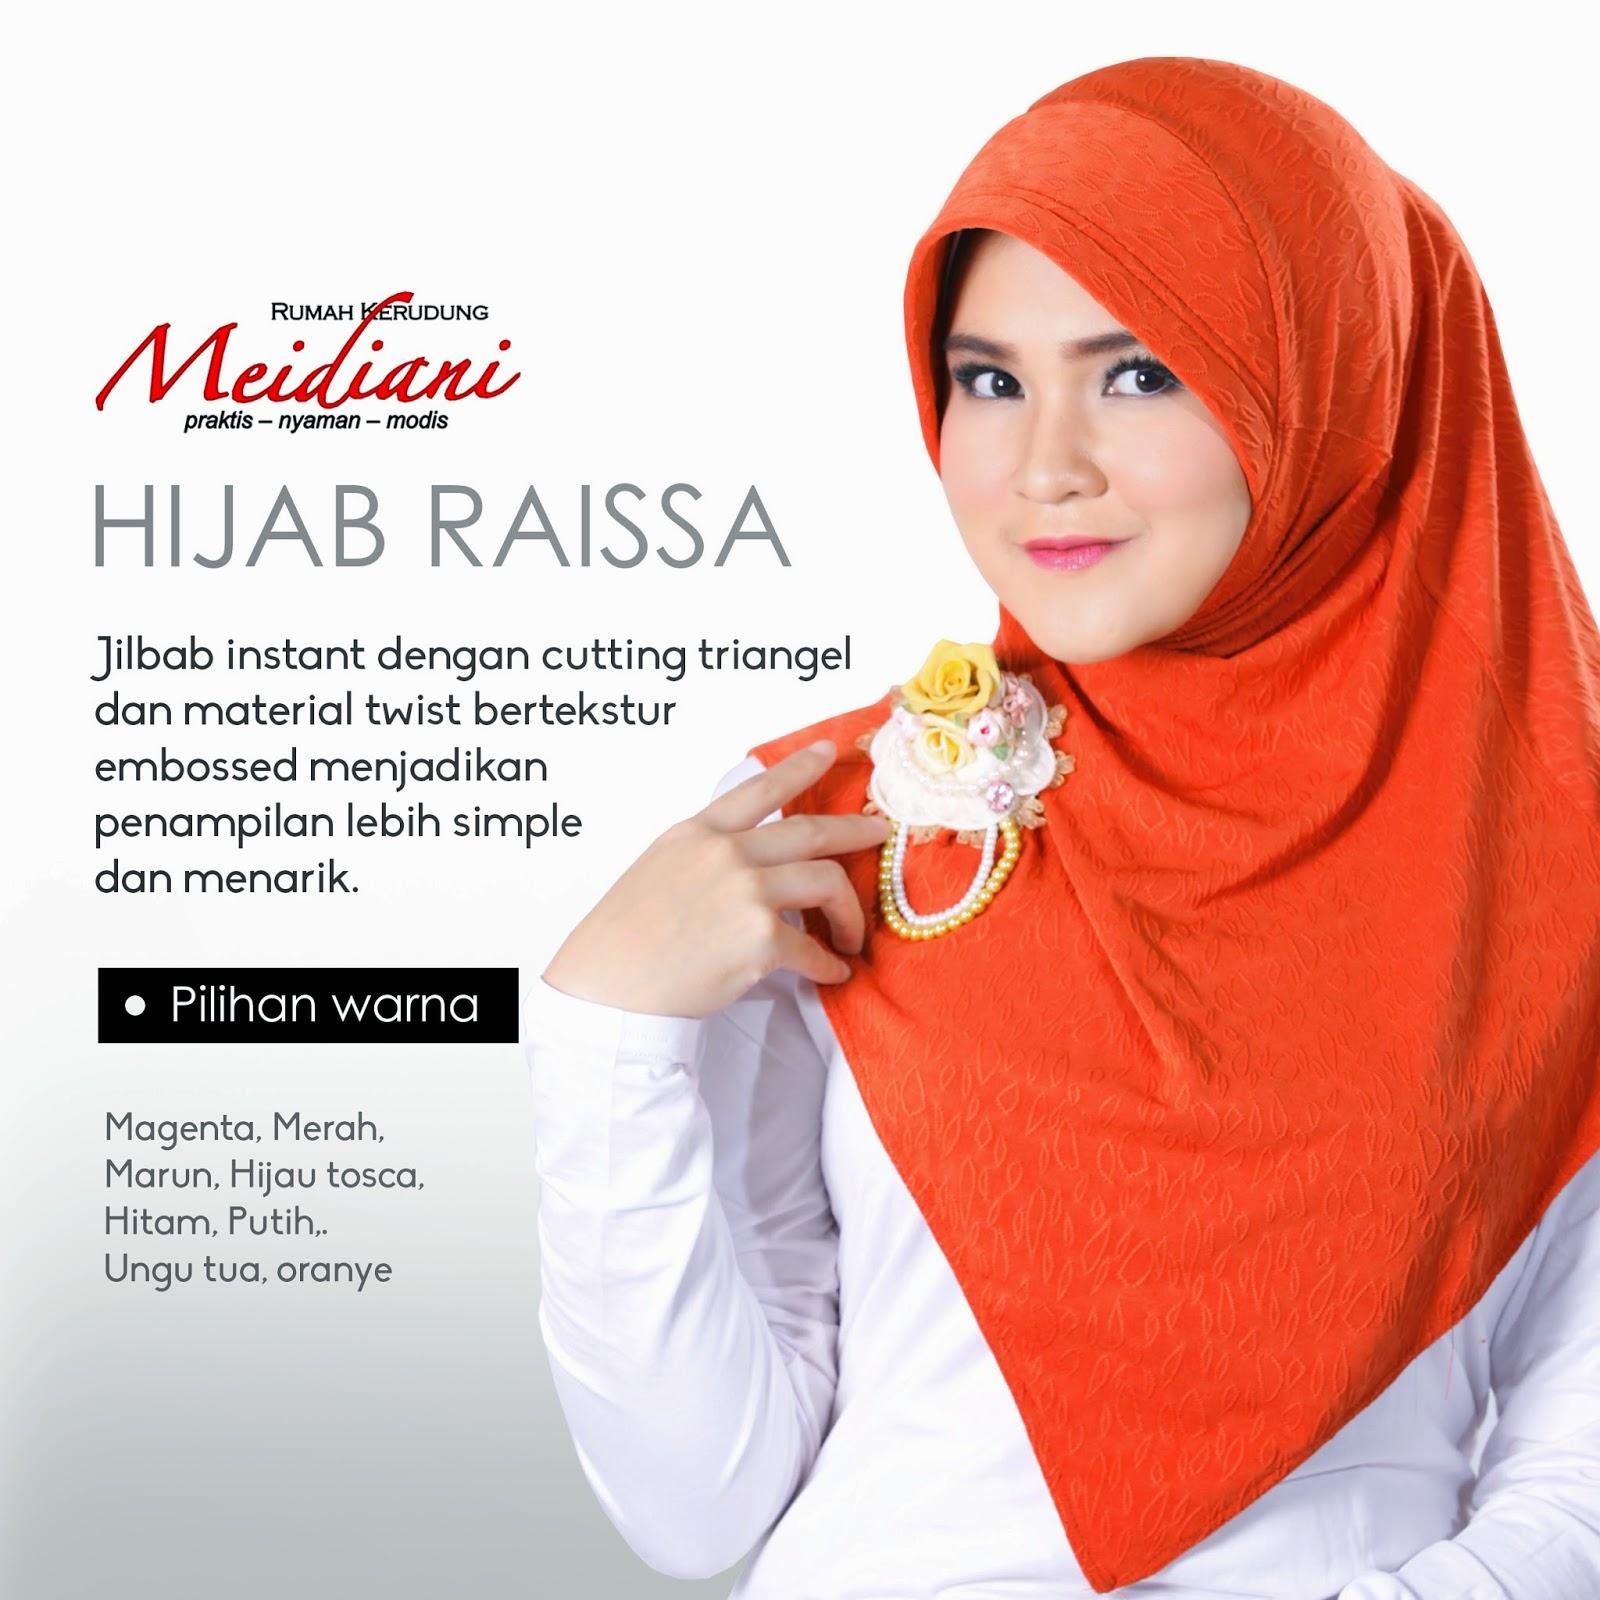 Hijab Raissa